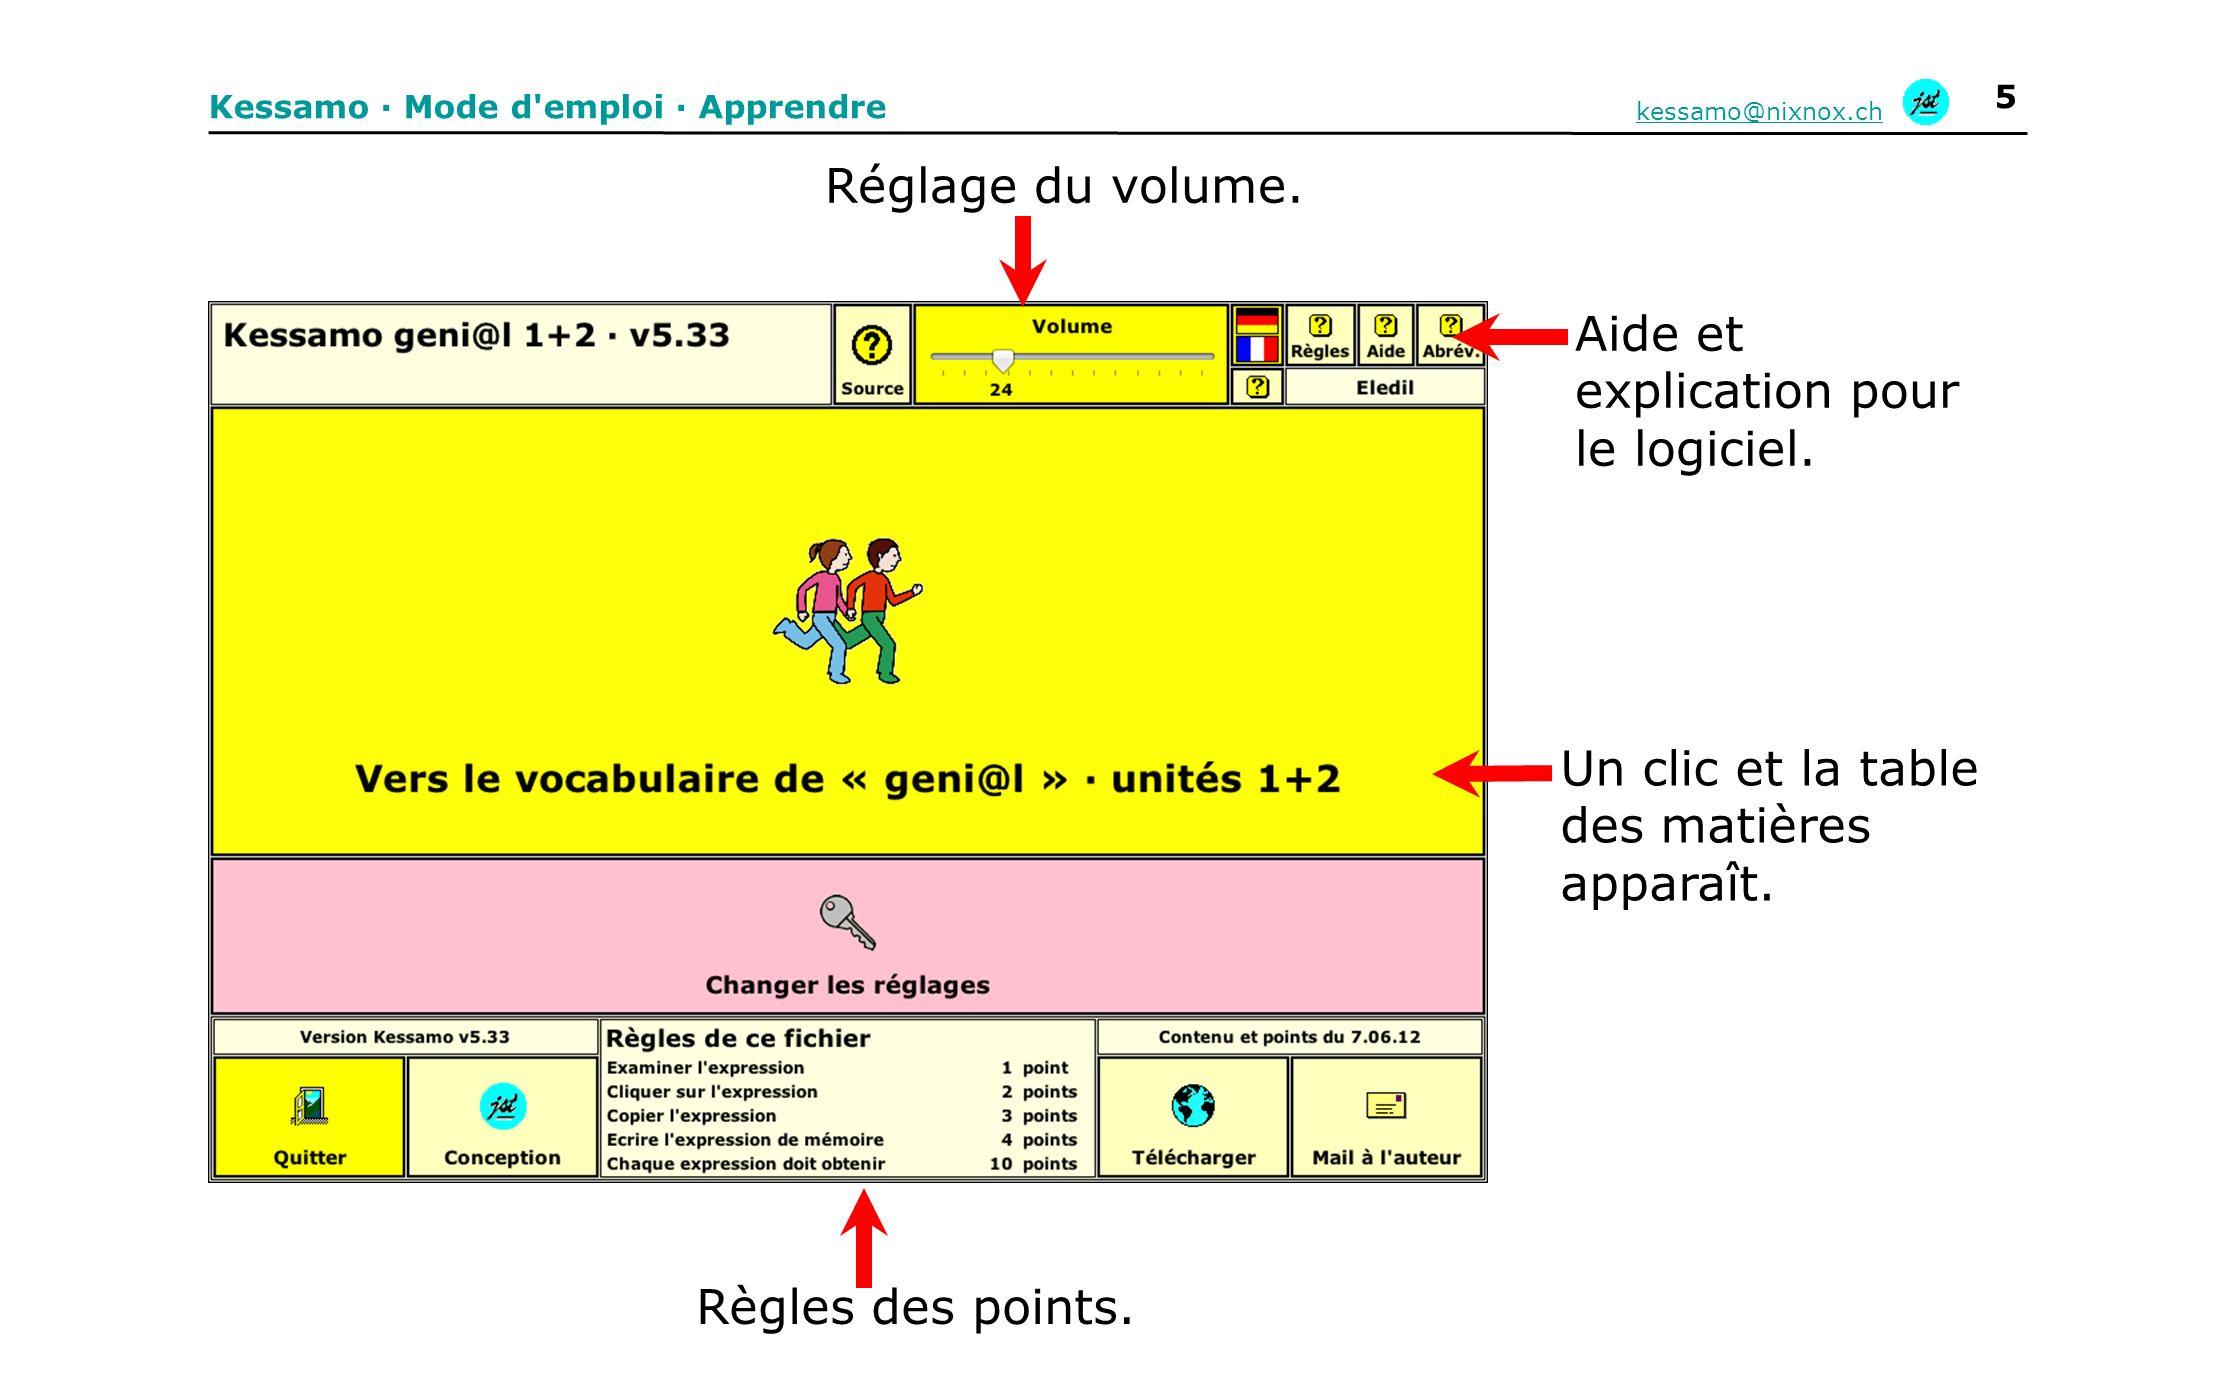 Aide et explication pour le logiciel.